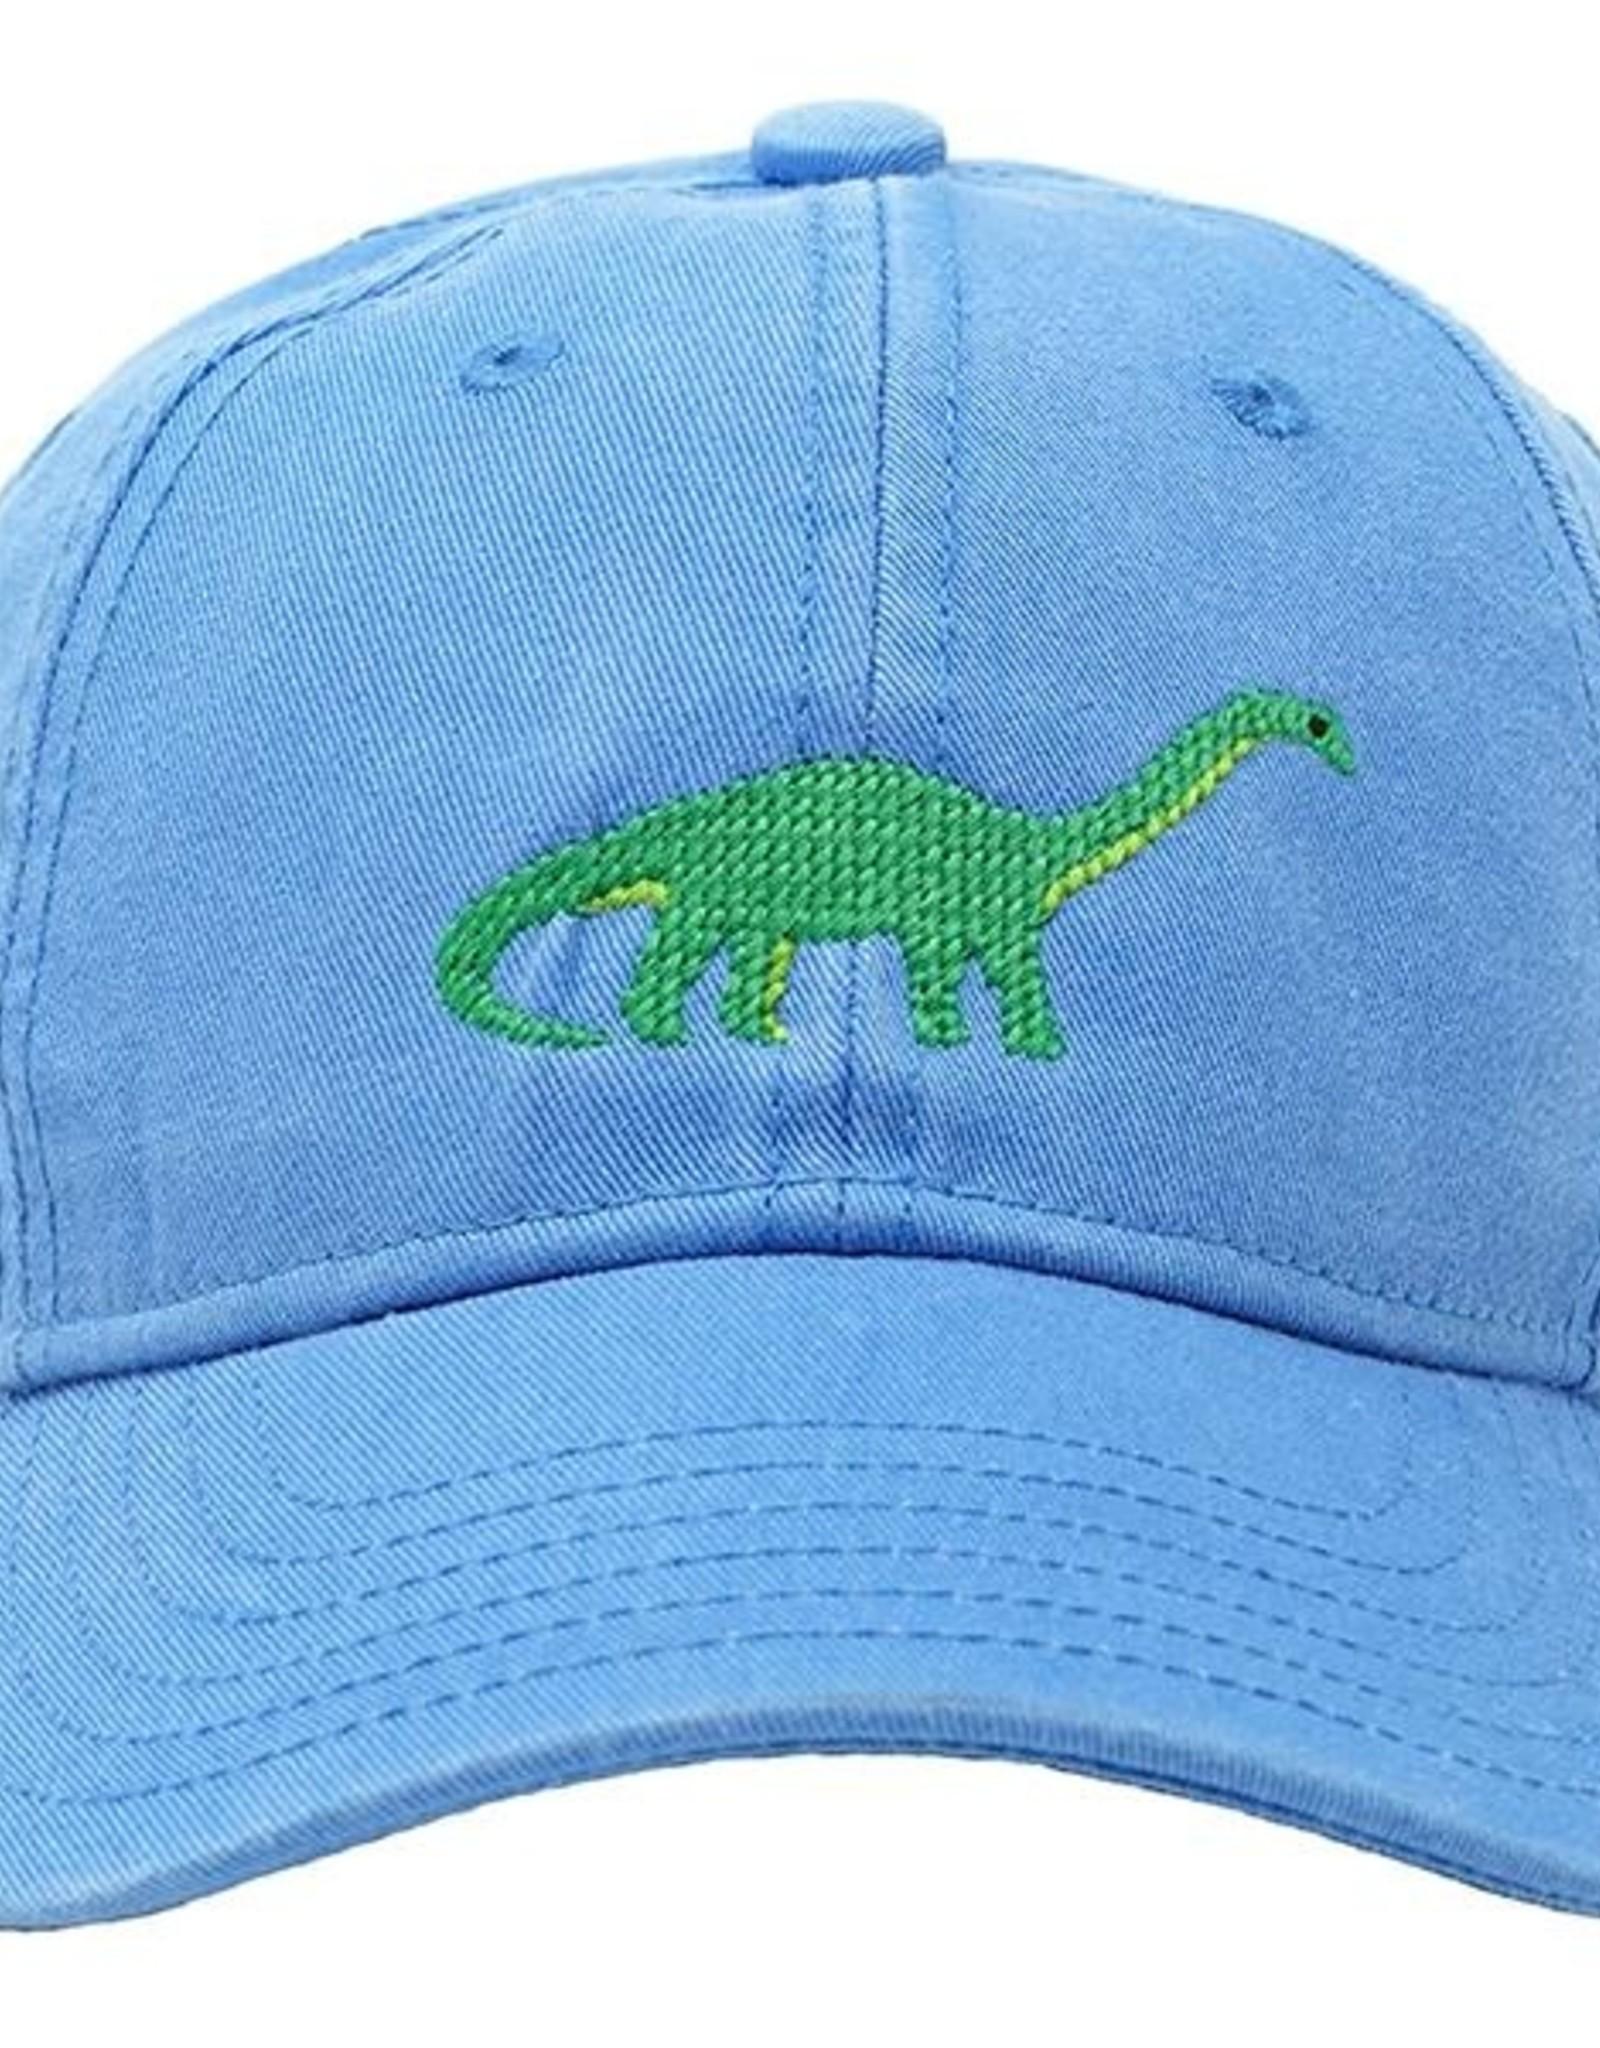 Harding Lane Kids Brontosaurus